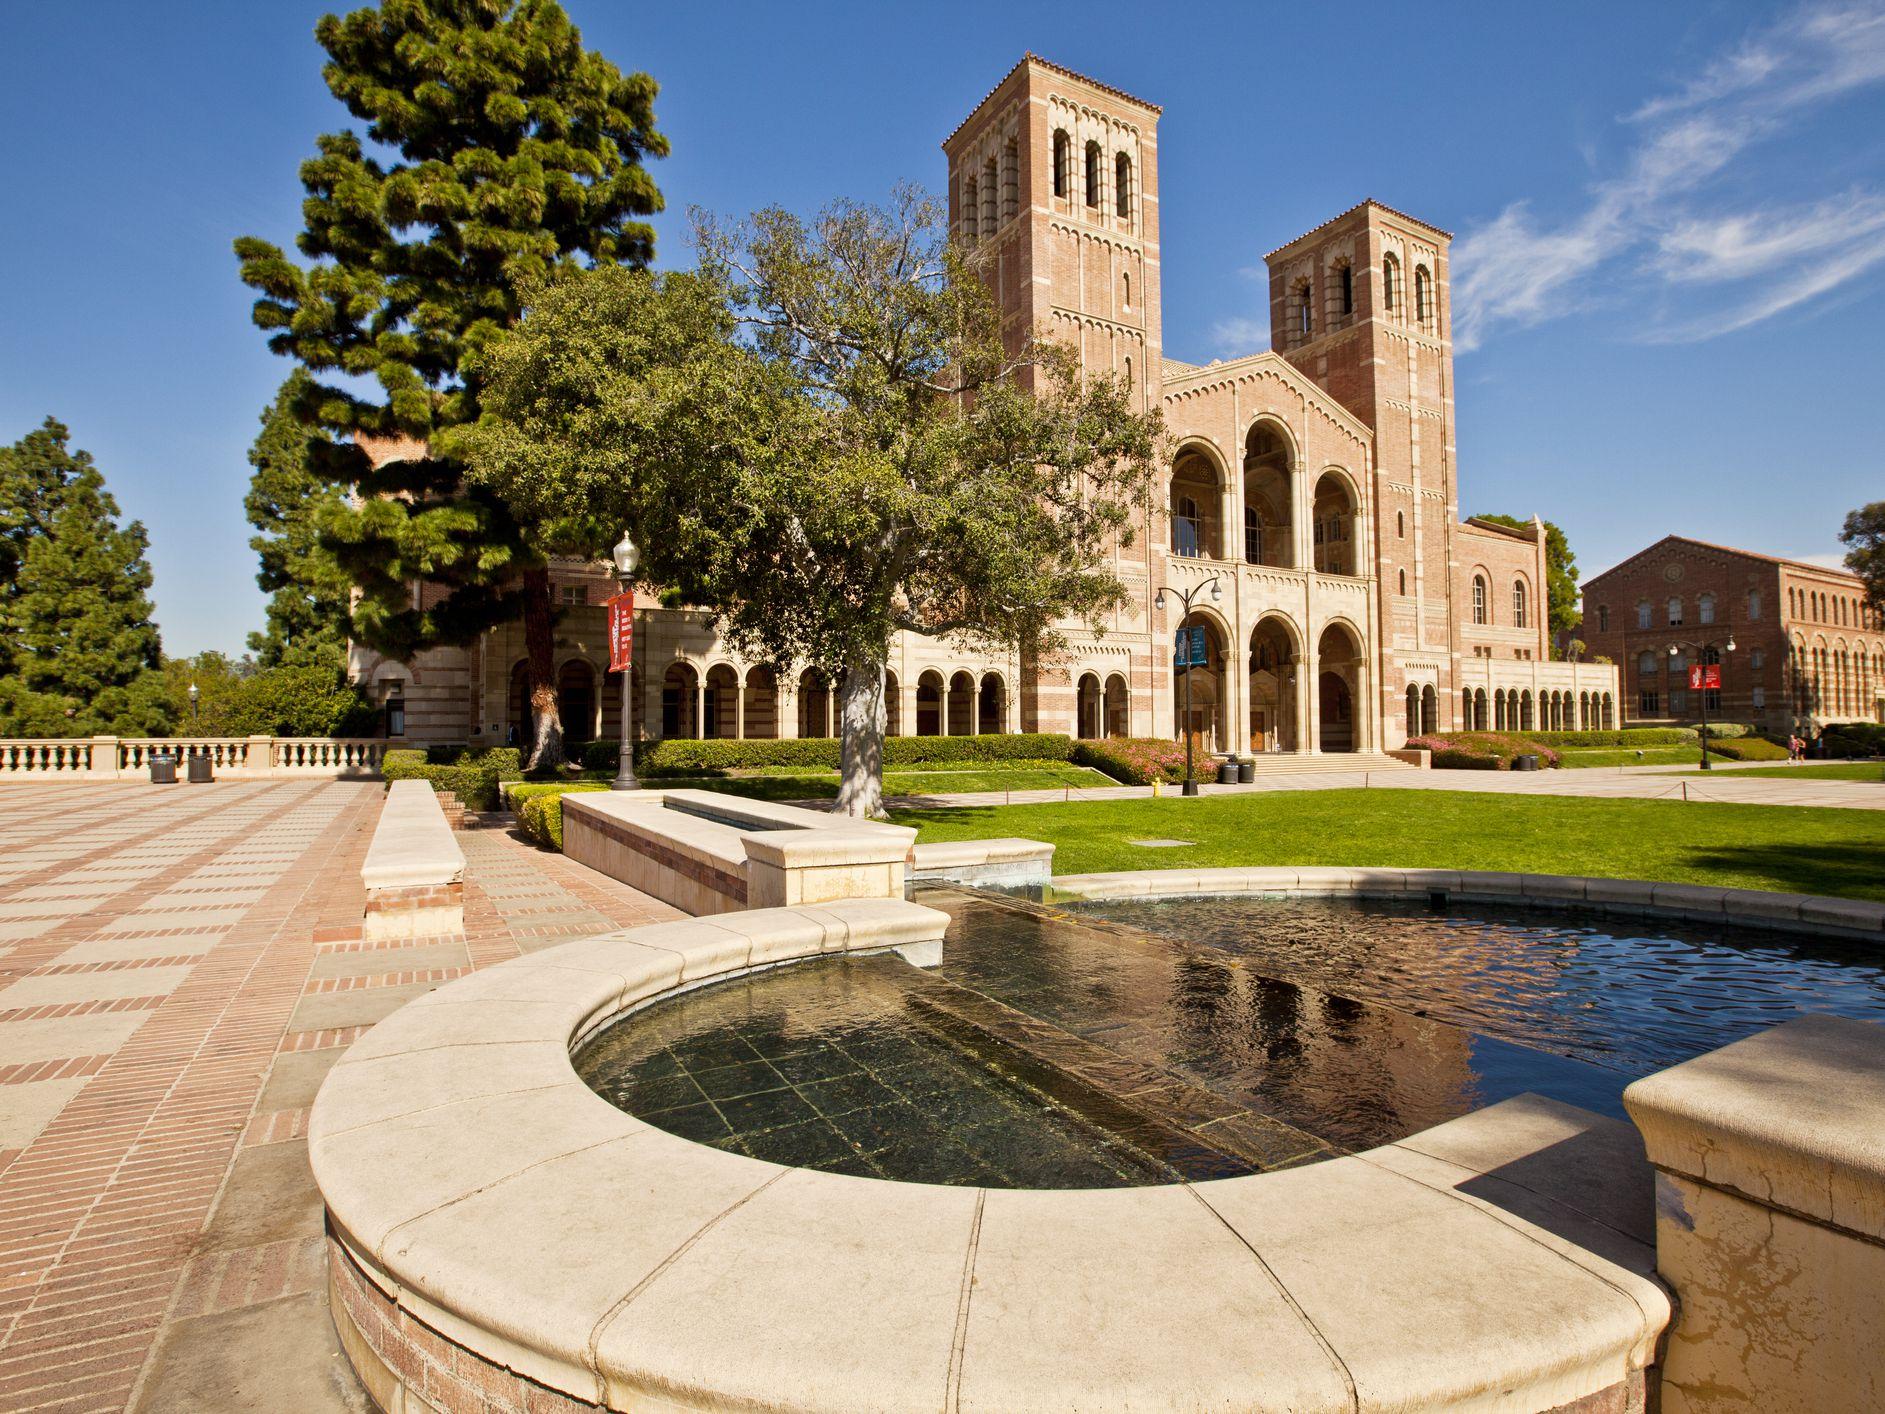 California - negara bagian paling rentan terhadap penurunan pelajar internasional di Amerika